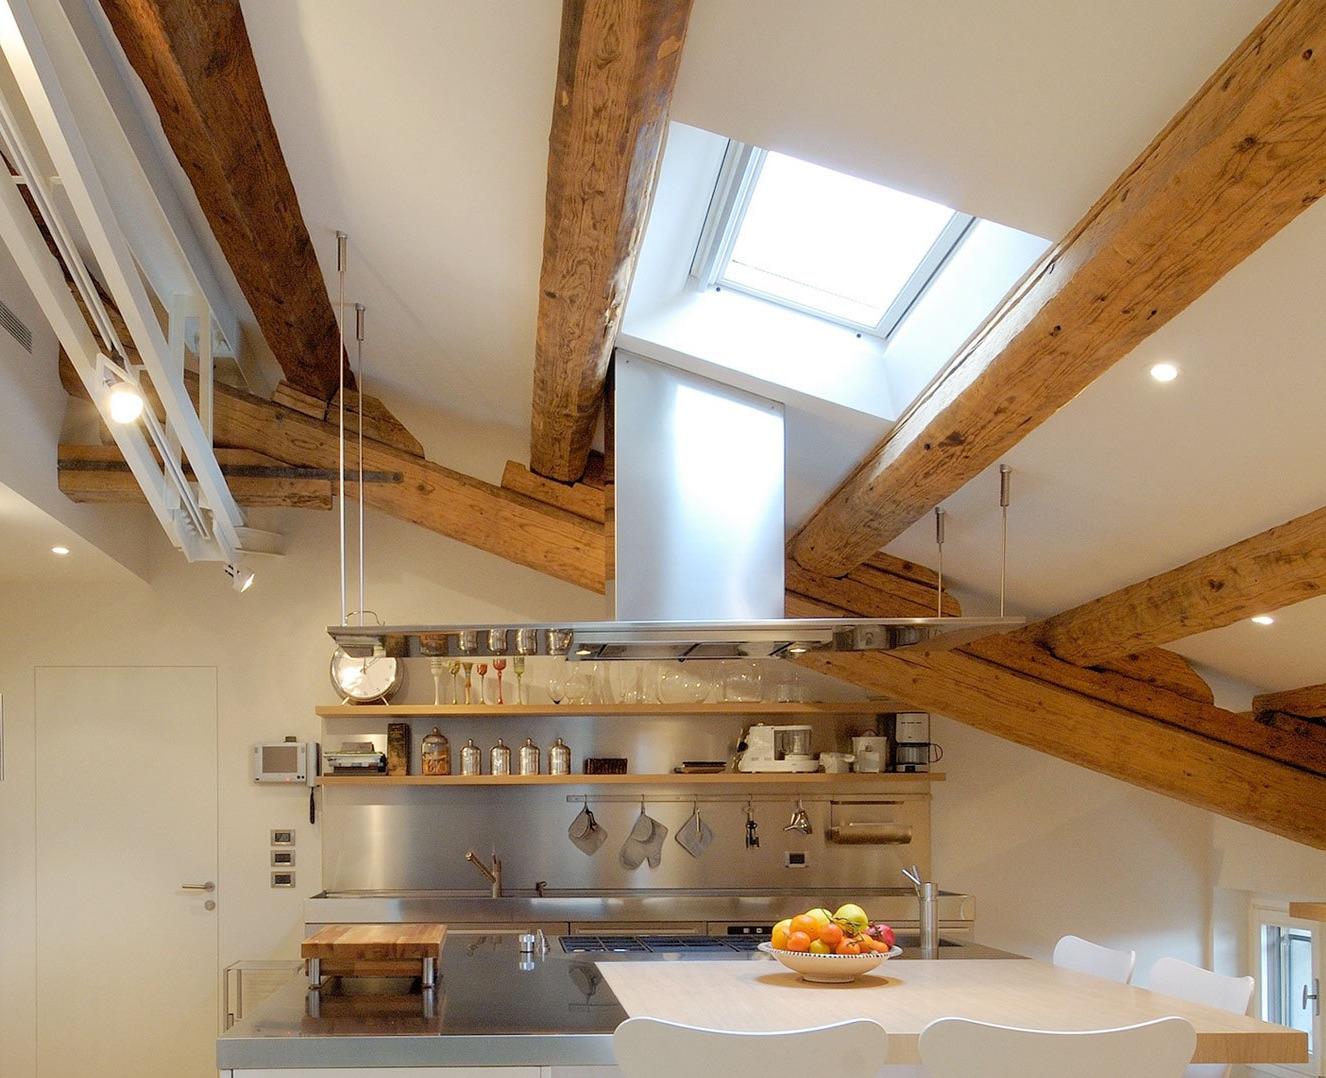 10 idee per rendere la vostra cucina spettacolare - Cucine per mansarde basse ...